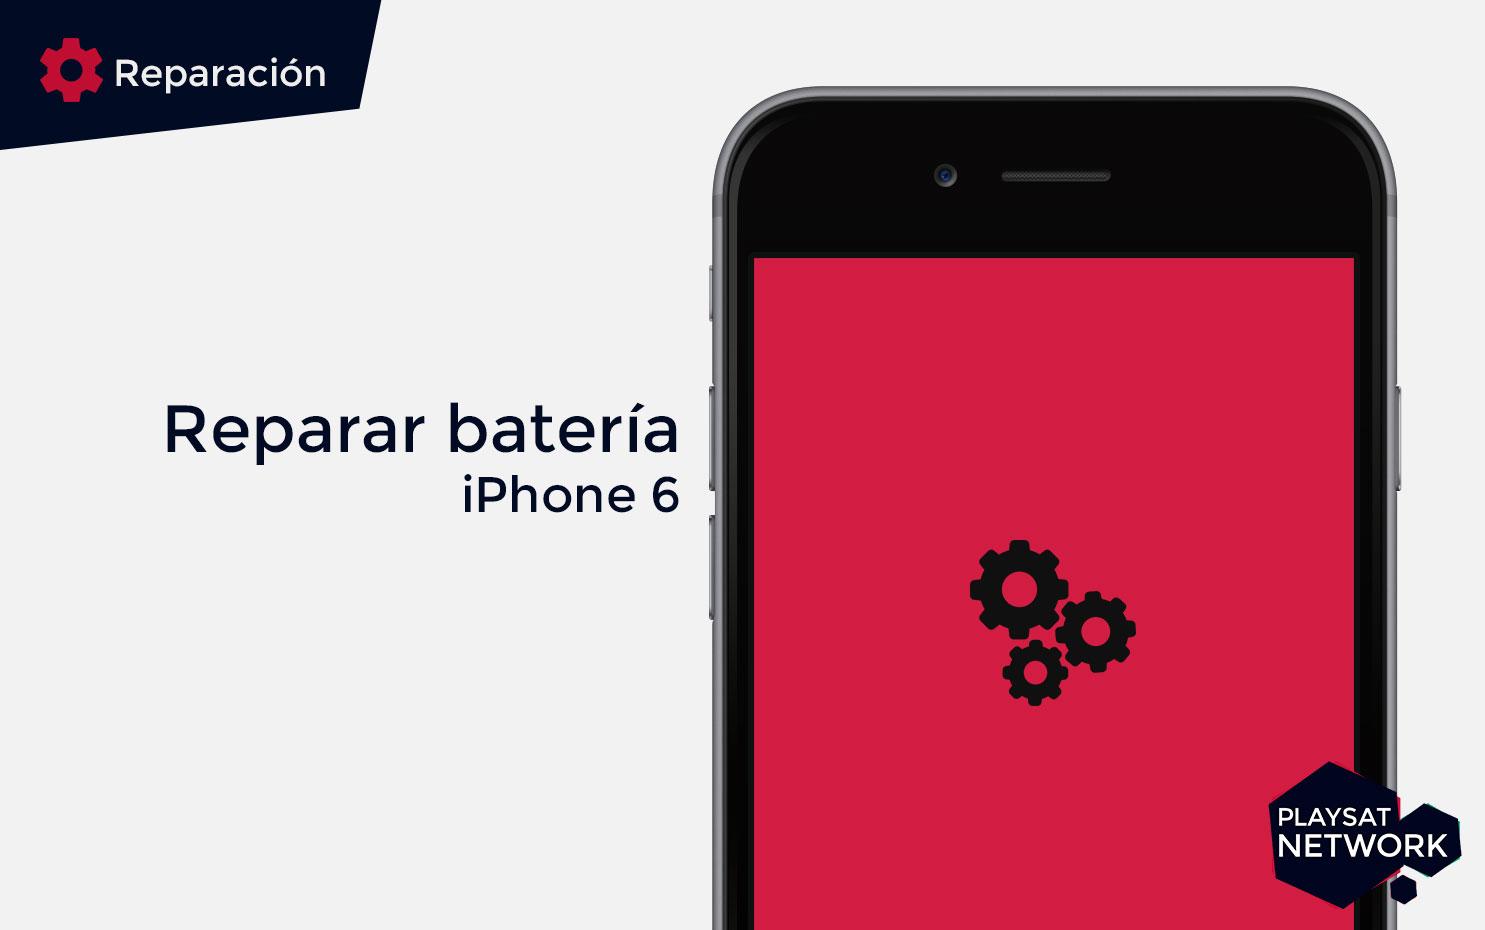 Reparar-batería-iPhone-6